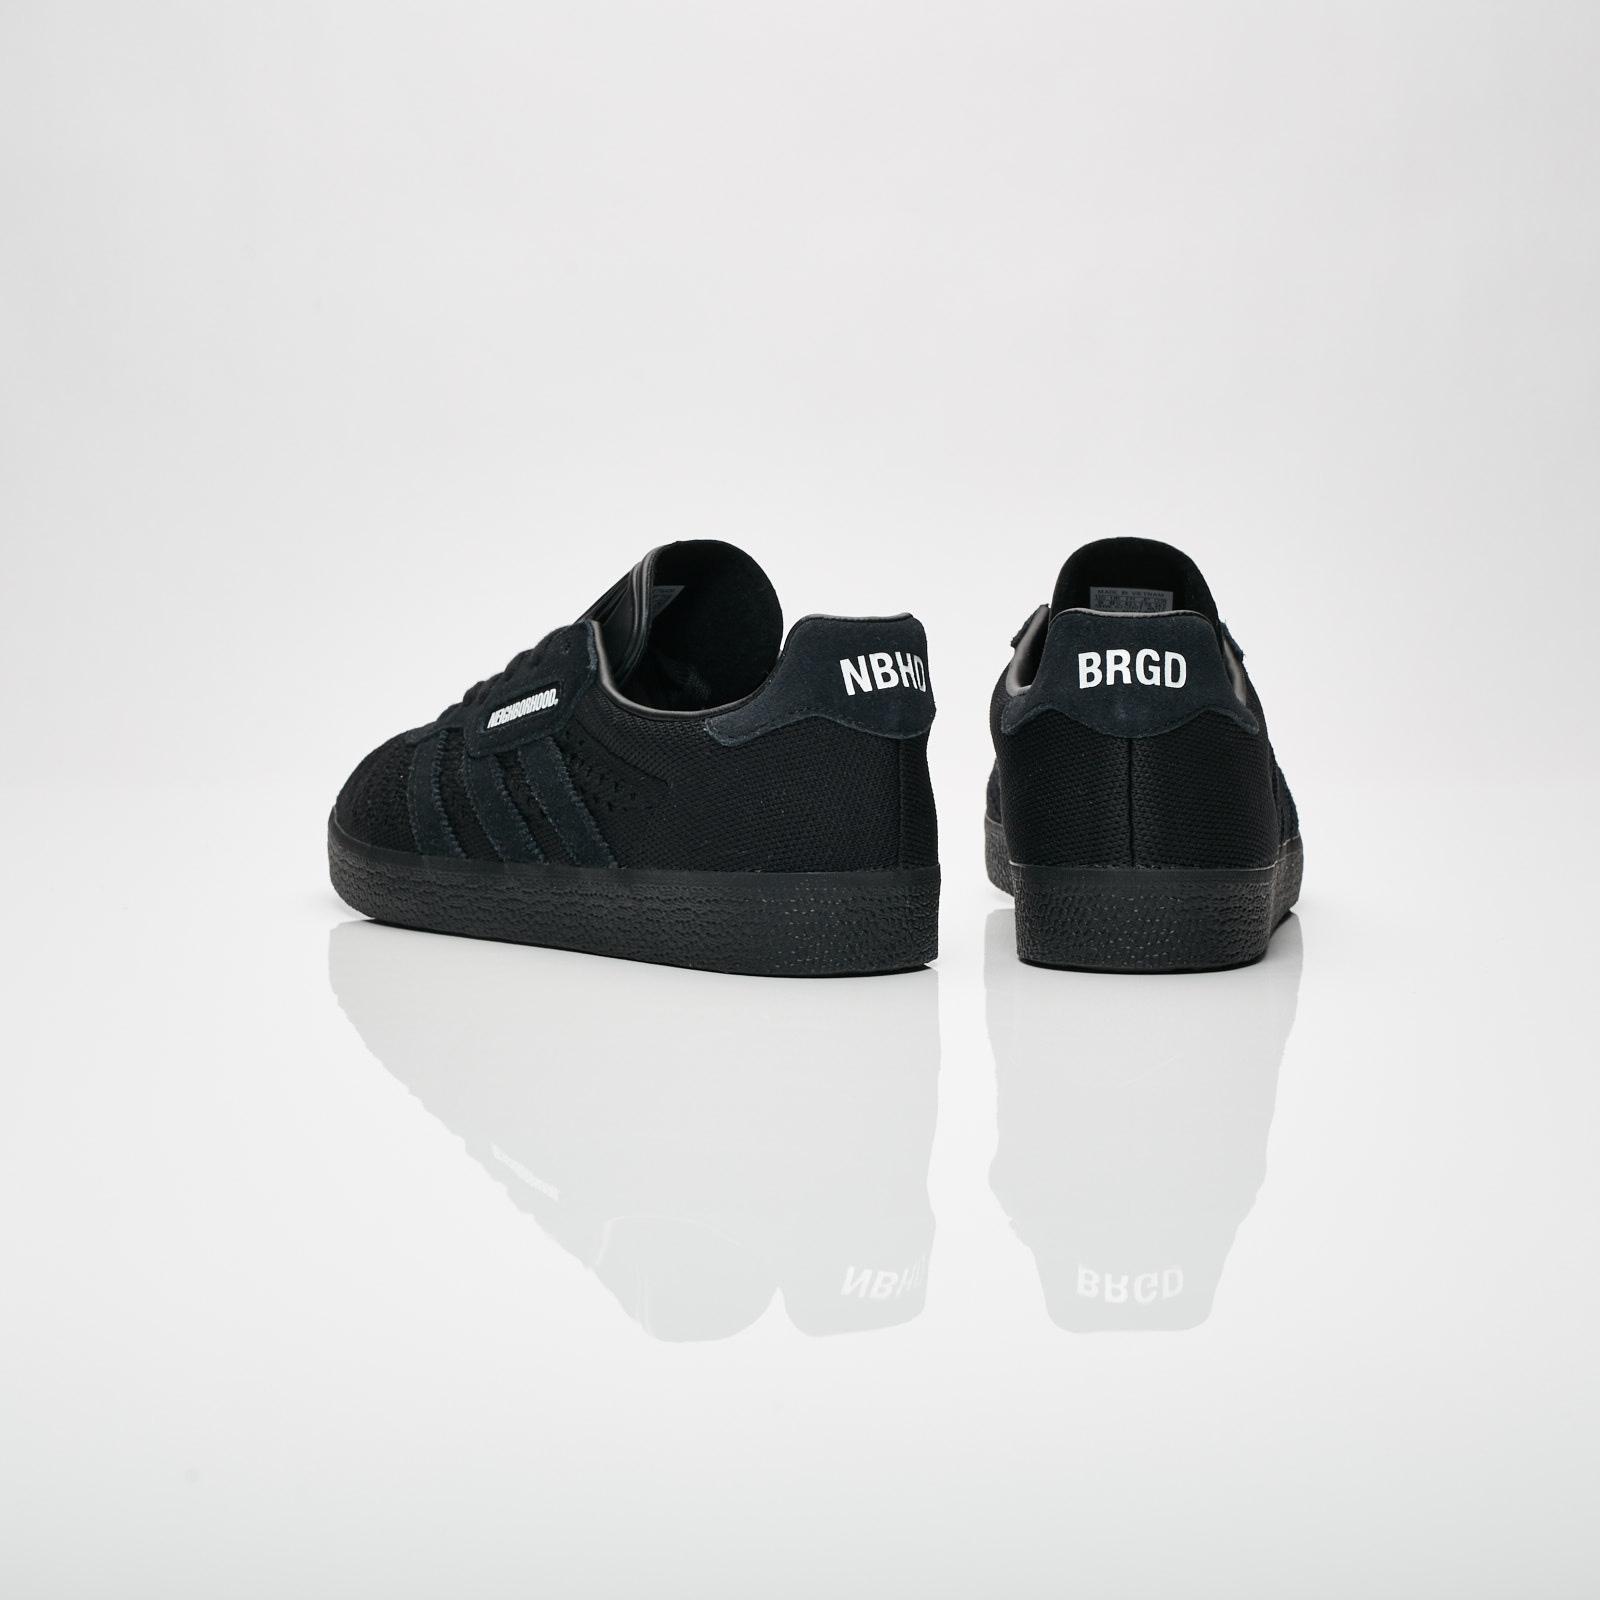 huge selection of 18bb9 62ff2 adidas Gazelle Super x Neighborhood - Da8836 - Sneakersnstuff | sneakers &  streetwear online since 1999